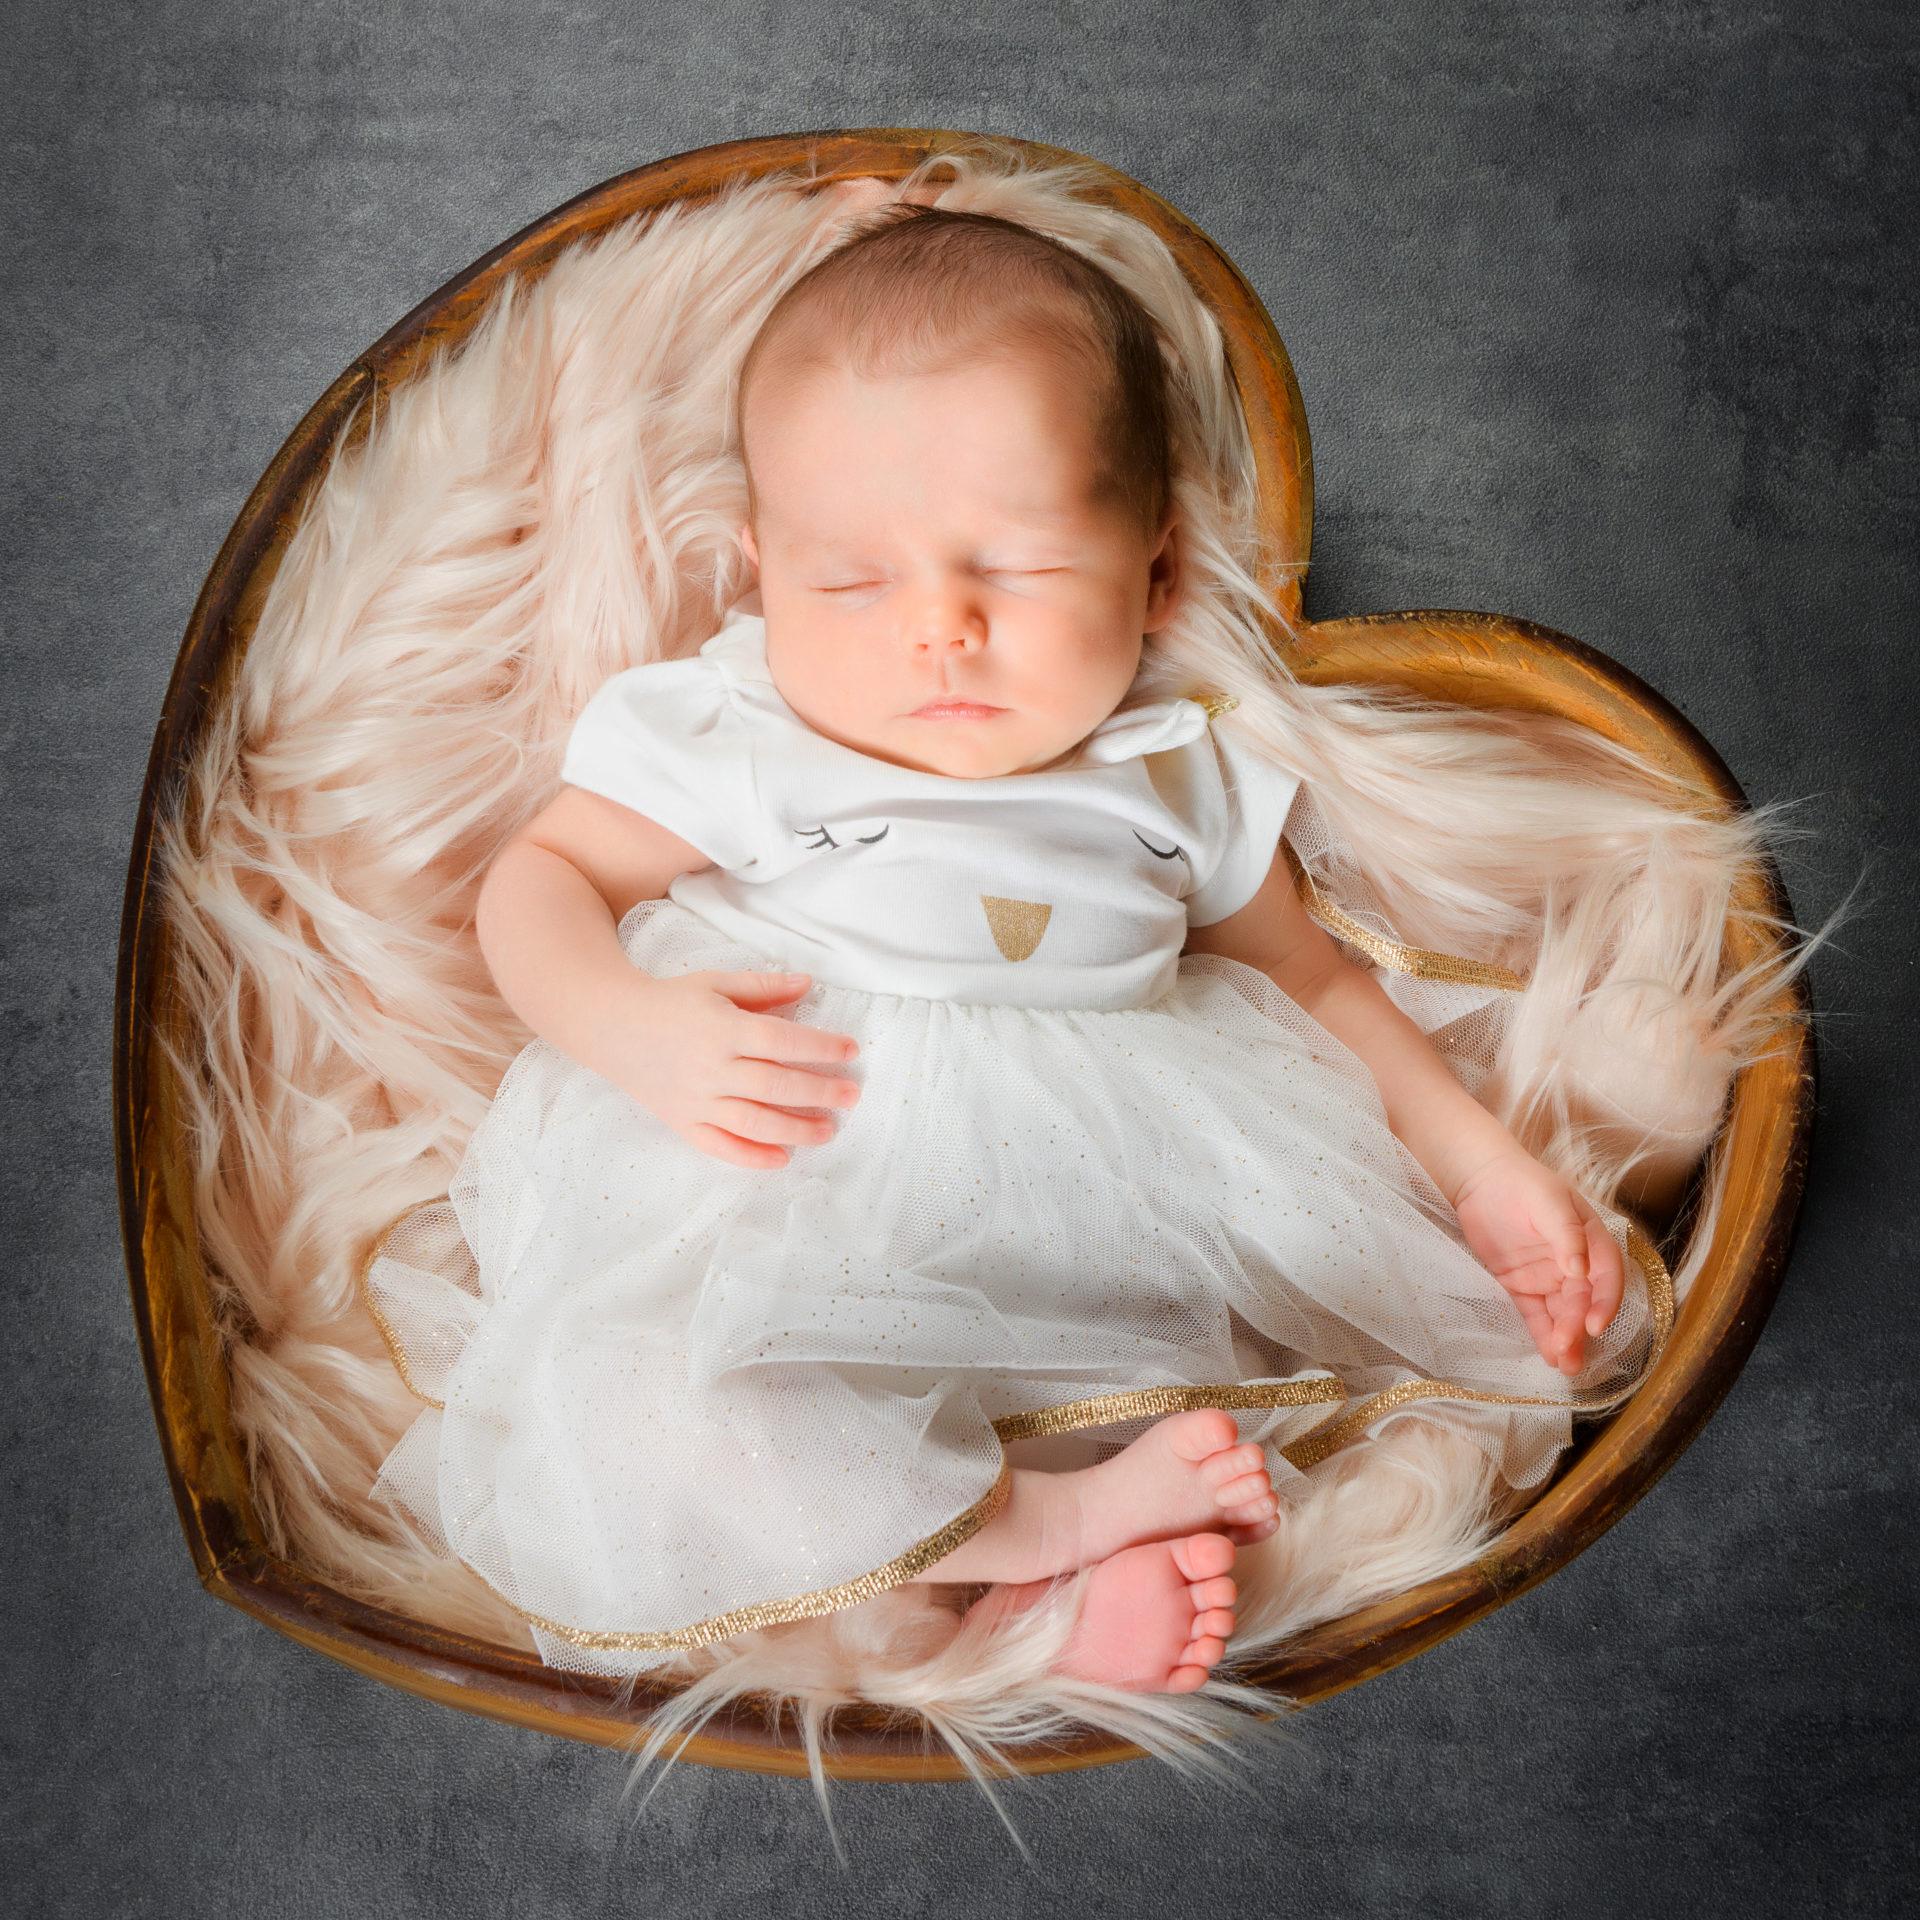 Photographe portrait bébé bretagne